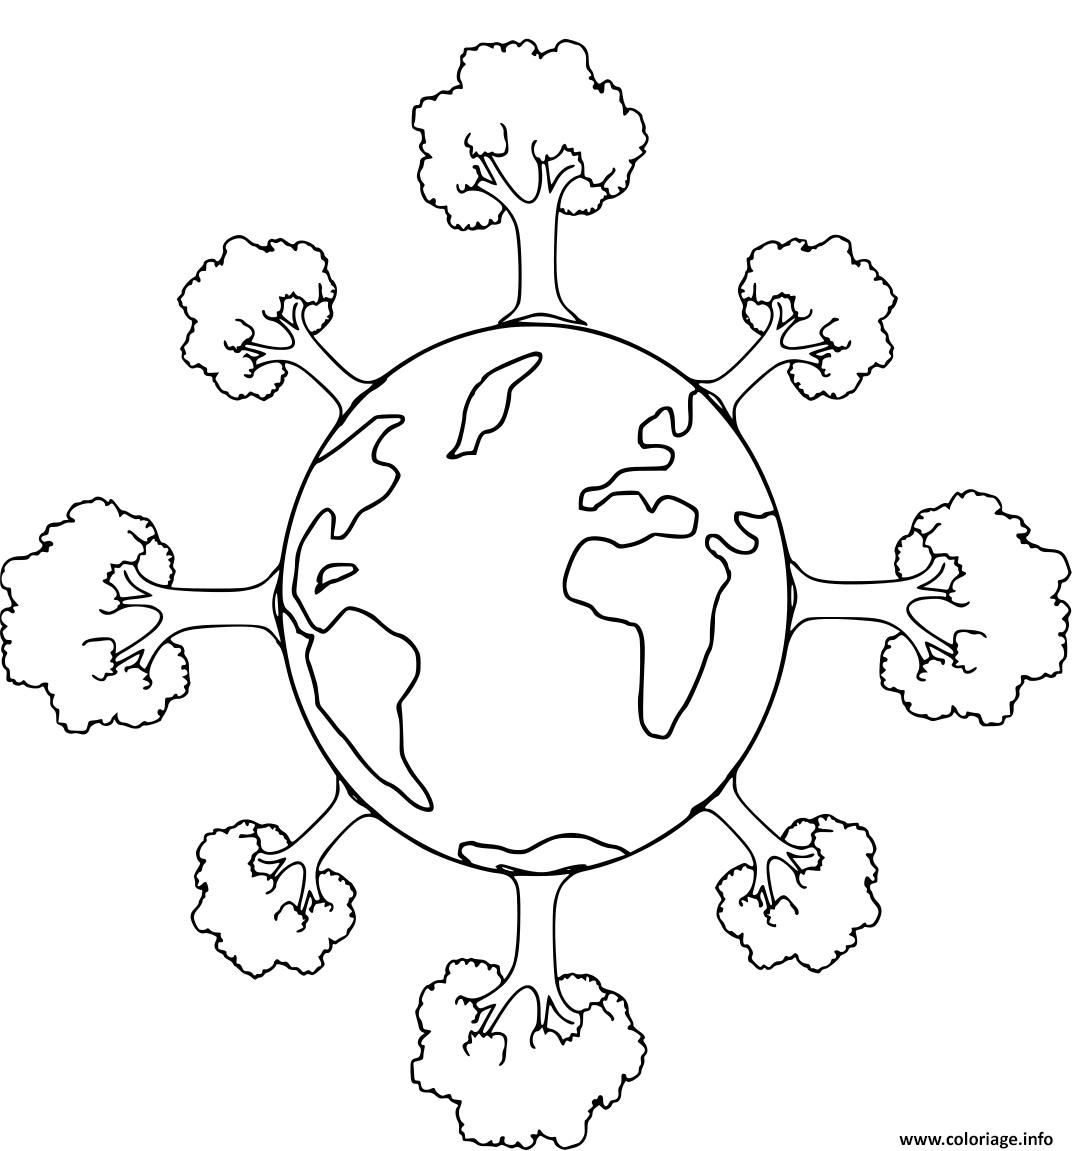 Dessin jour de la terre planete entouree arbres Coloriage Gratuit à Imprimer